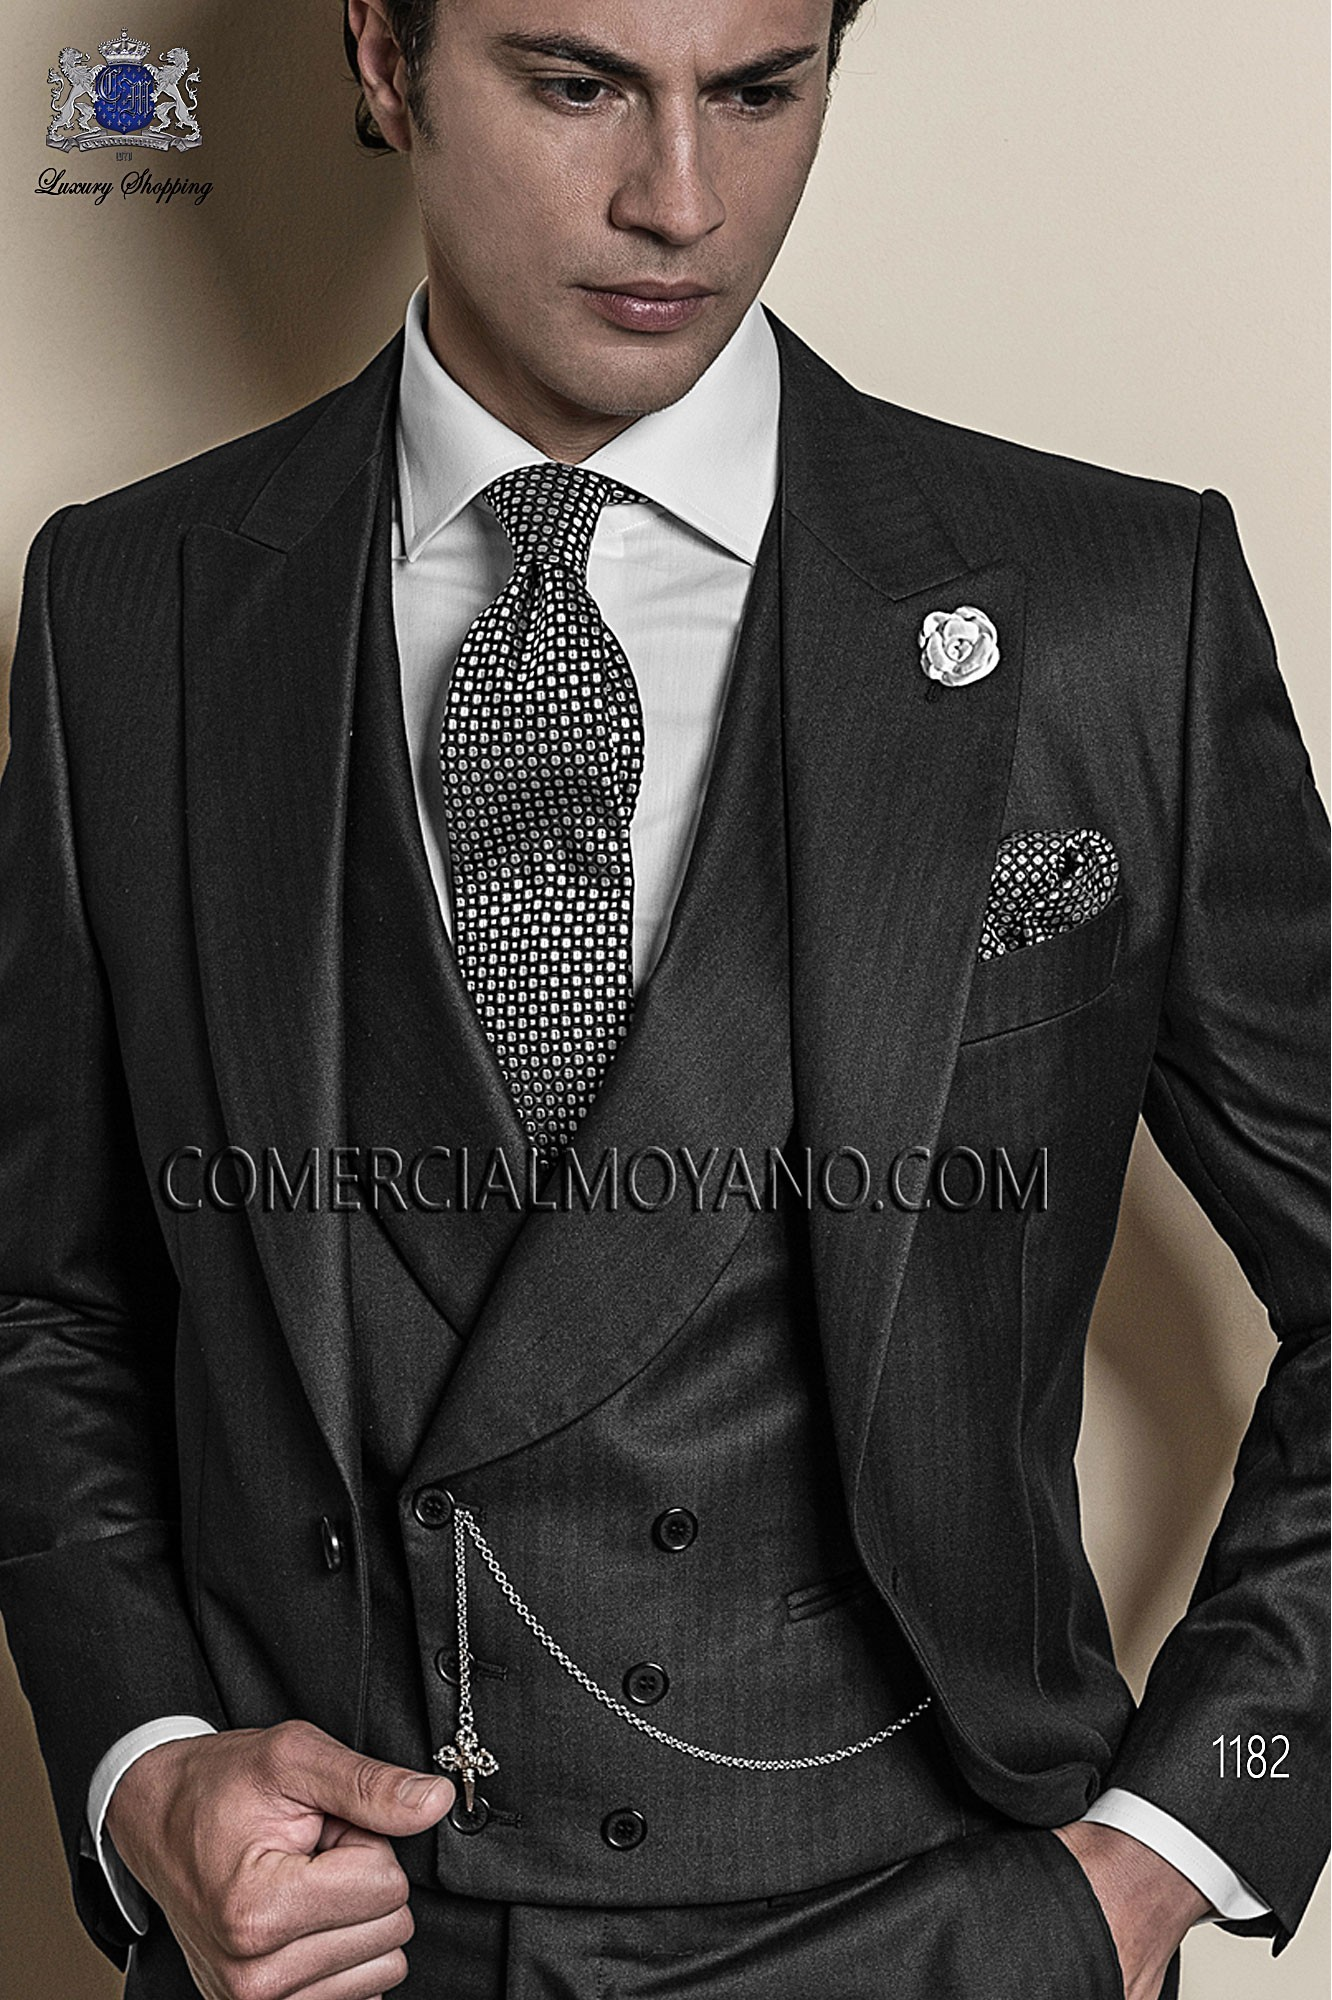 Traje Gentleman de novio gris modelo: 1182 Ottavio Nuccio Gala colección Gentleman